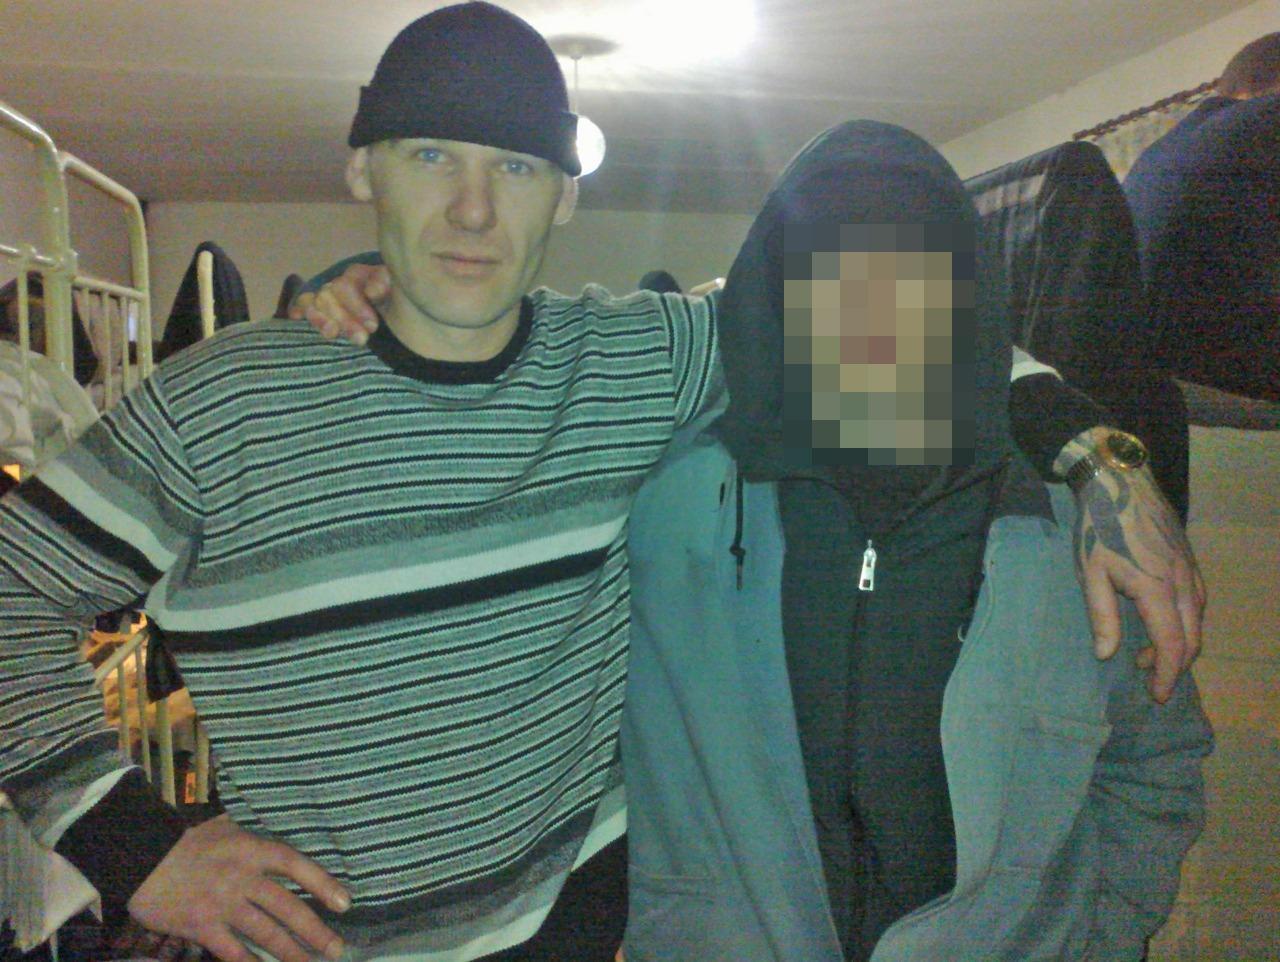 Фото Кузбасский маньяк дядя Витя: как подозреваемый в убийстве двух школьниц в Киселёвске пугал обидчиков криминальными авторитетами и отбывал срок за педофилию 3